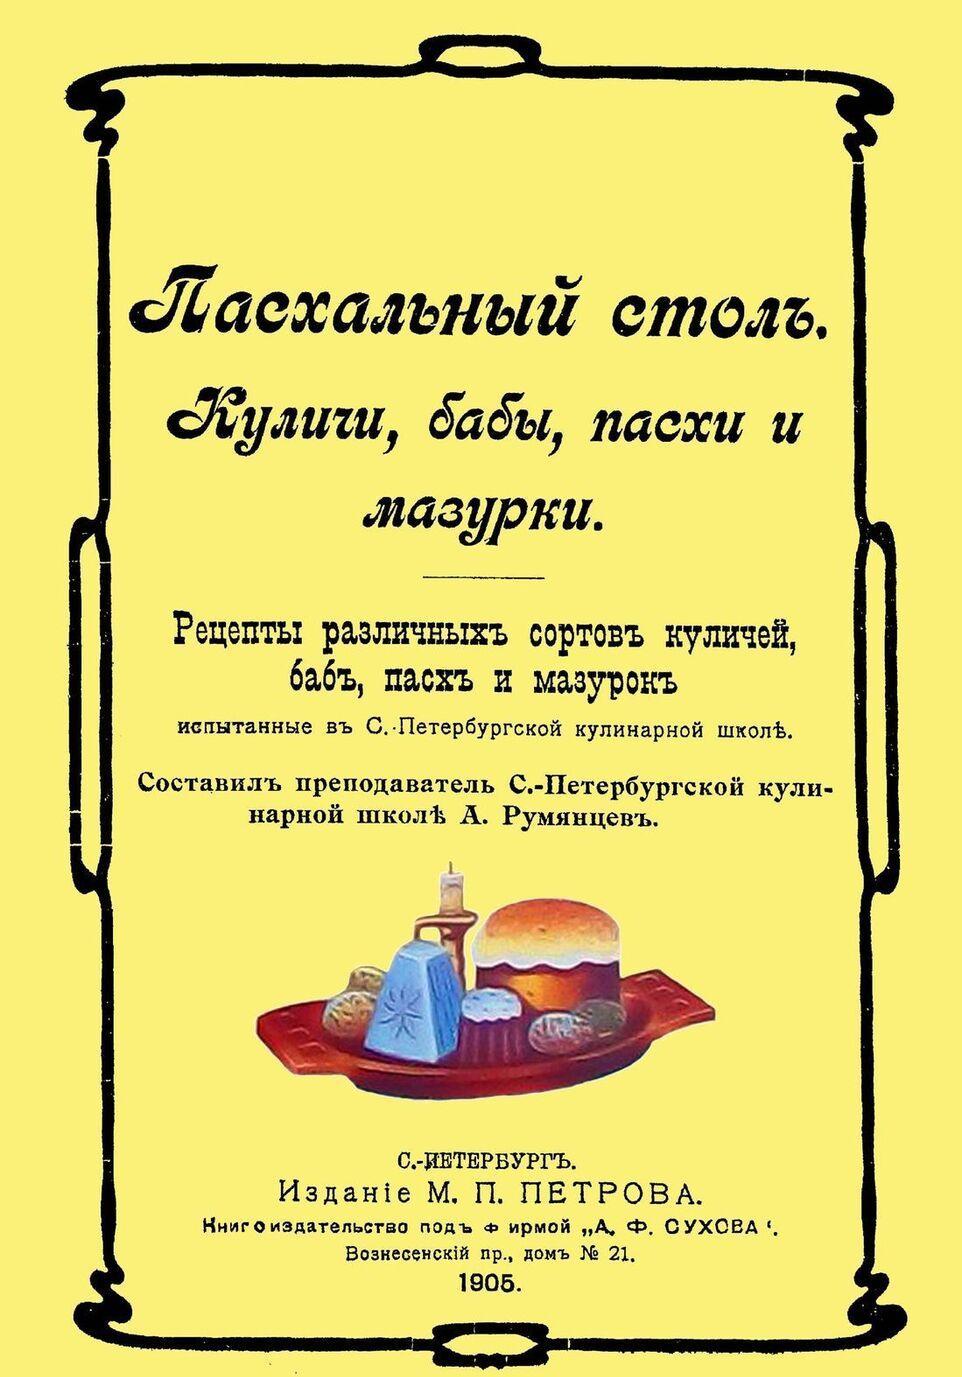 Paskhalnyj stol. Kulichi, baby, paskhi i mazurki.